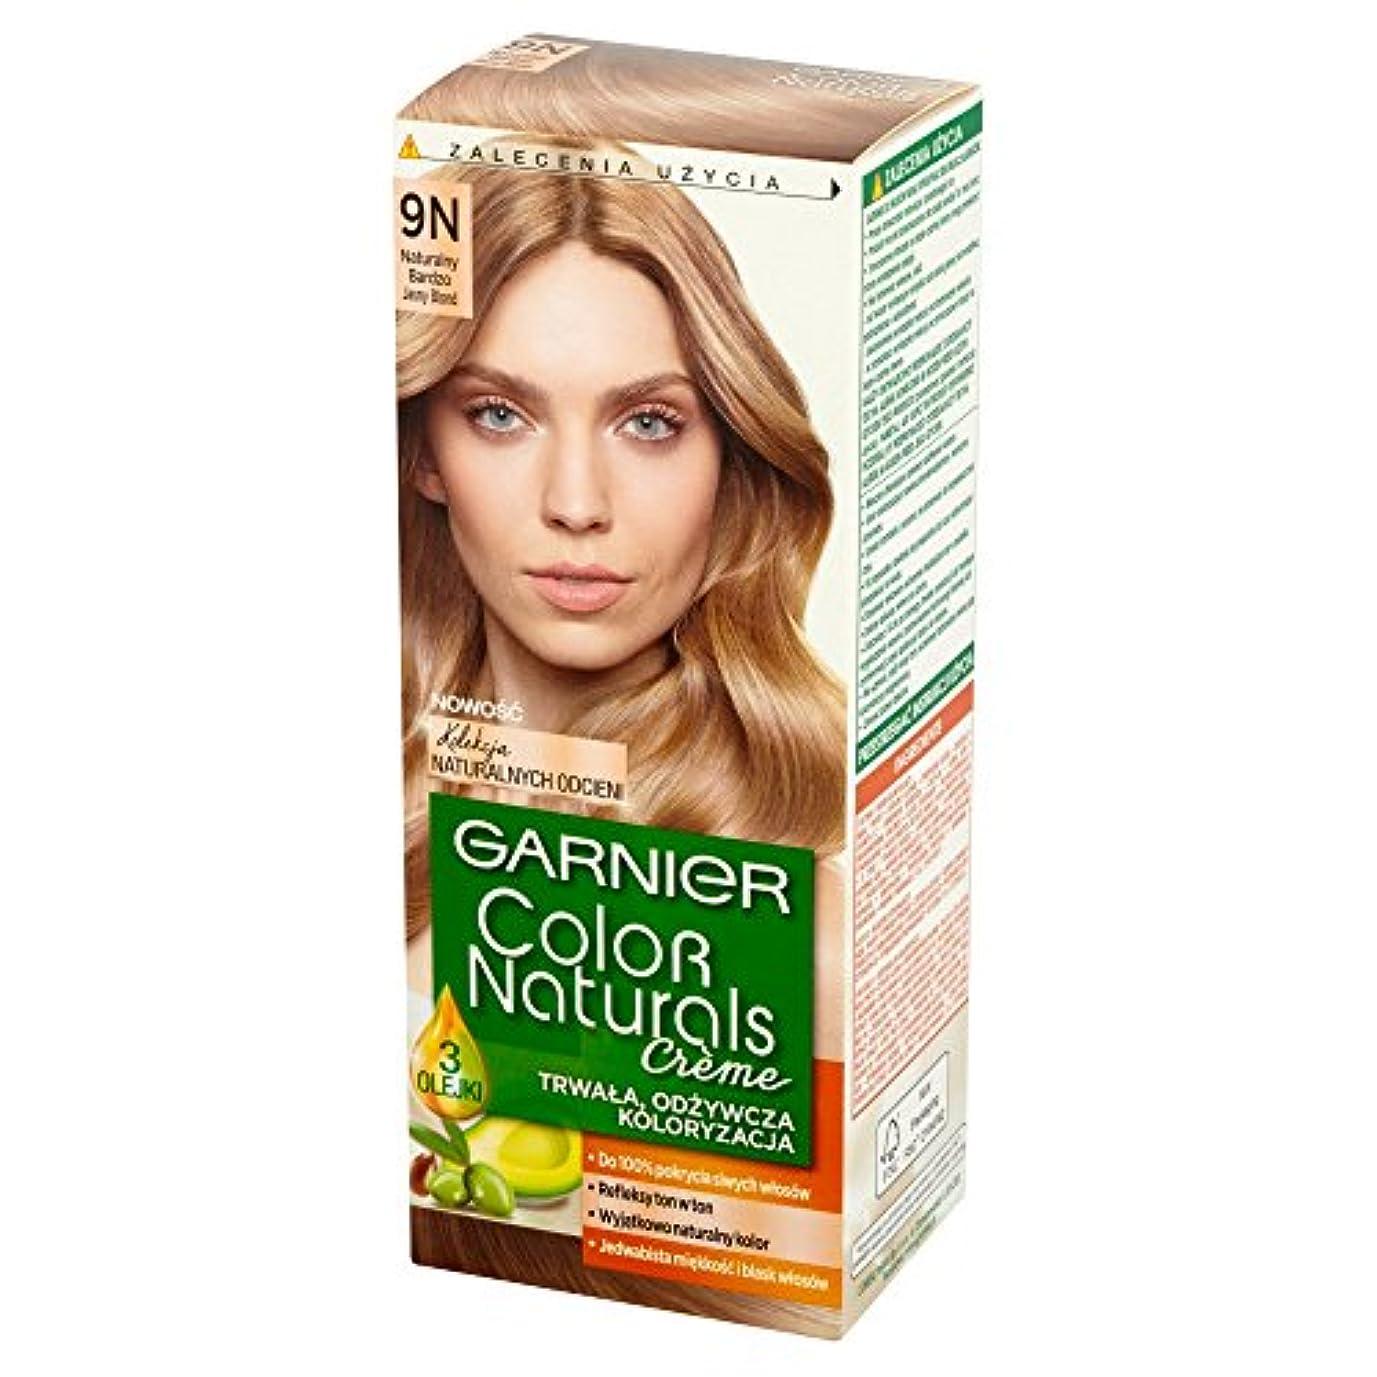 カカドゥ冷蔵庫減らすロレアル Garnier Color Naturals Creme 9N • Natural Light Blonde ブロンドヘアカラークリーム